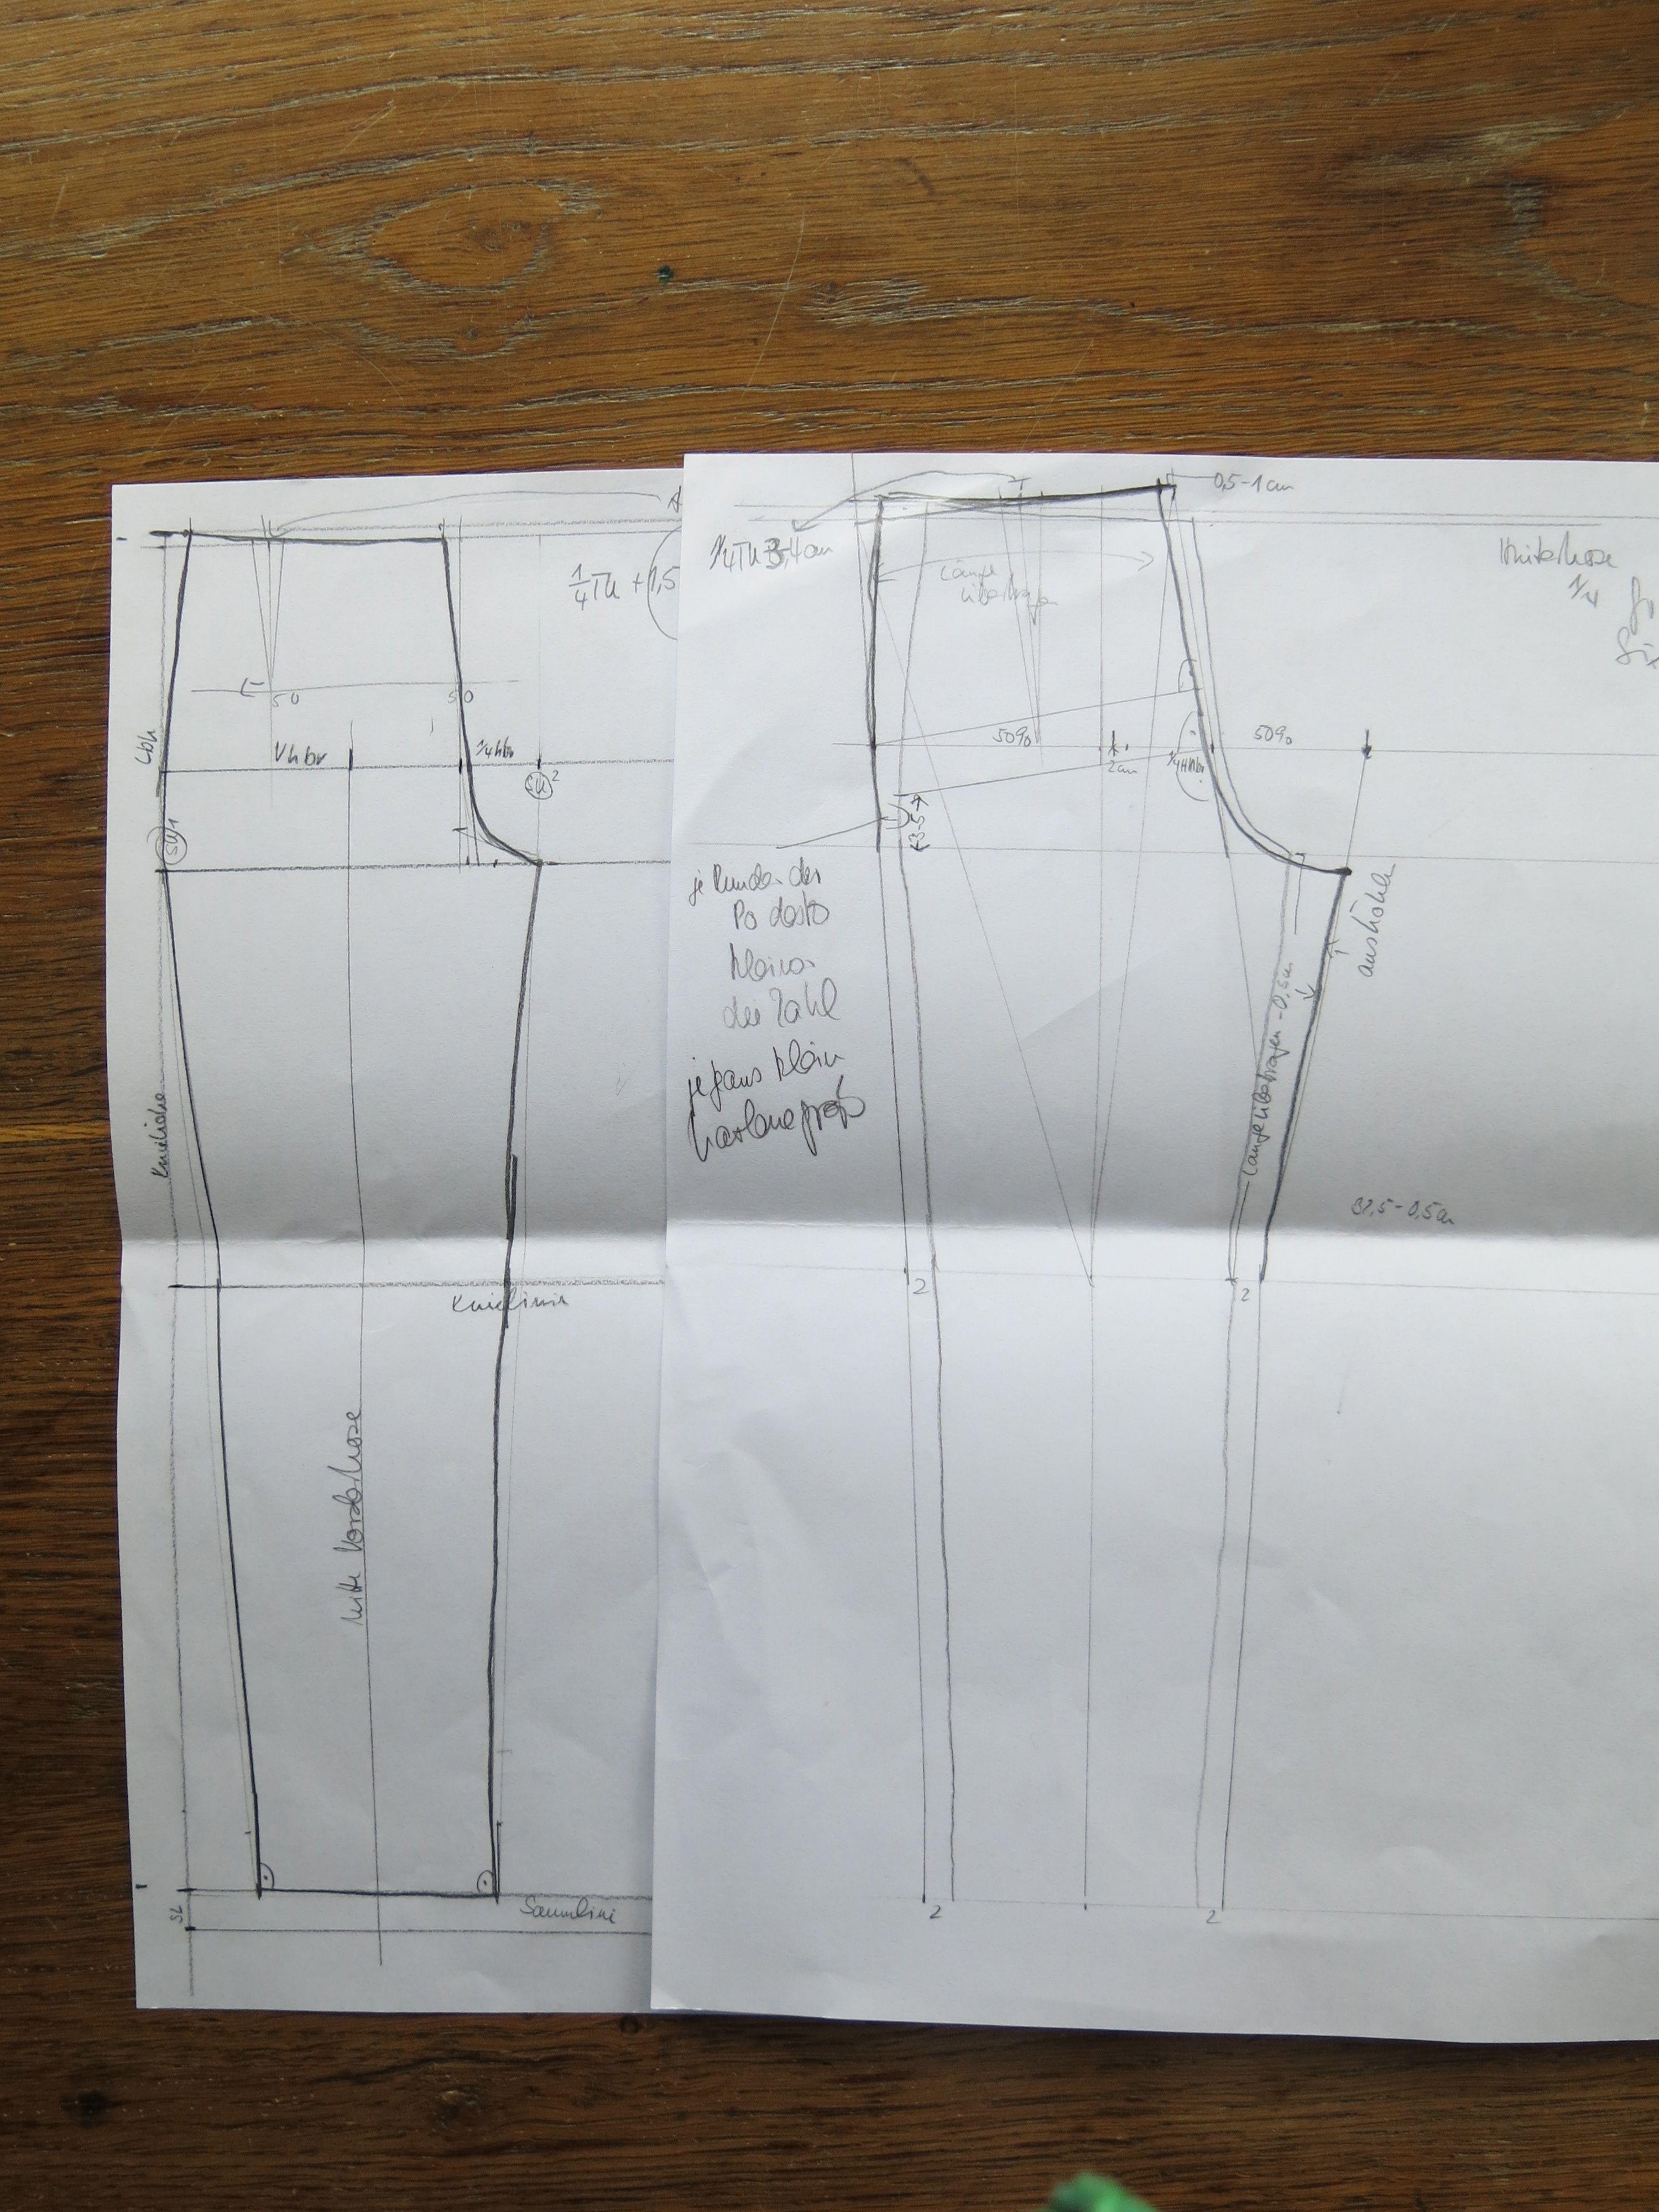 Hosen konstruieren auf Papier 1 zu 4